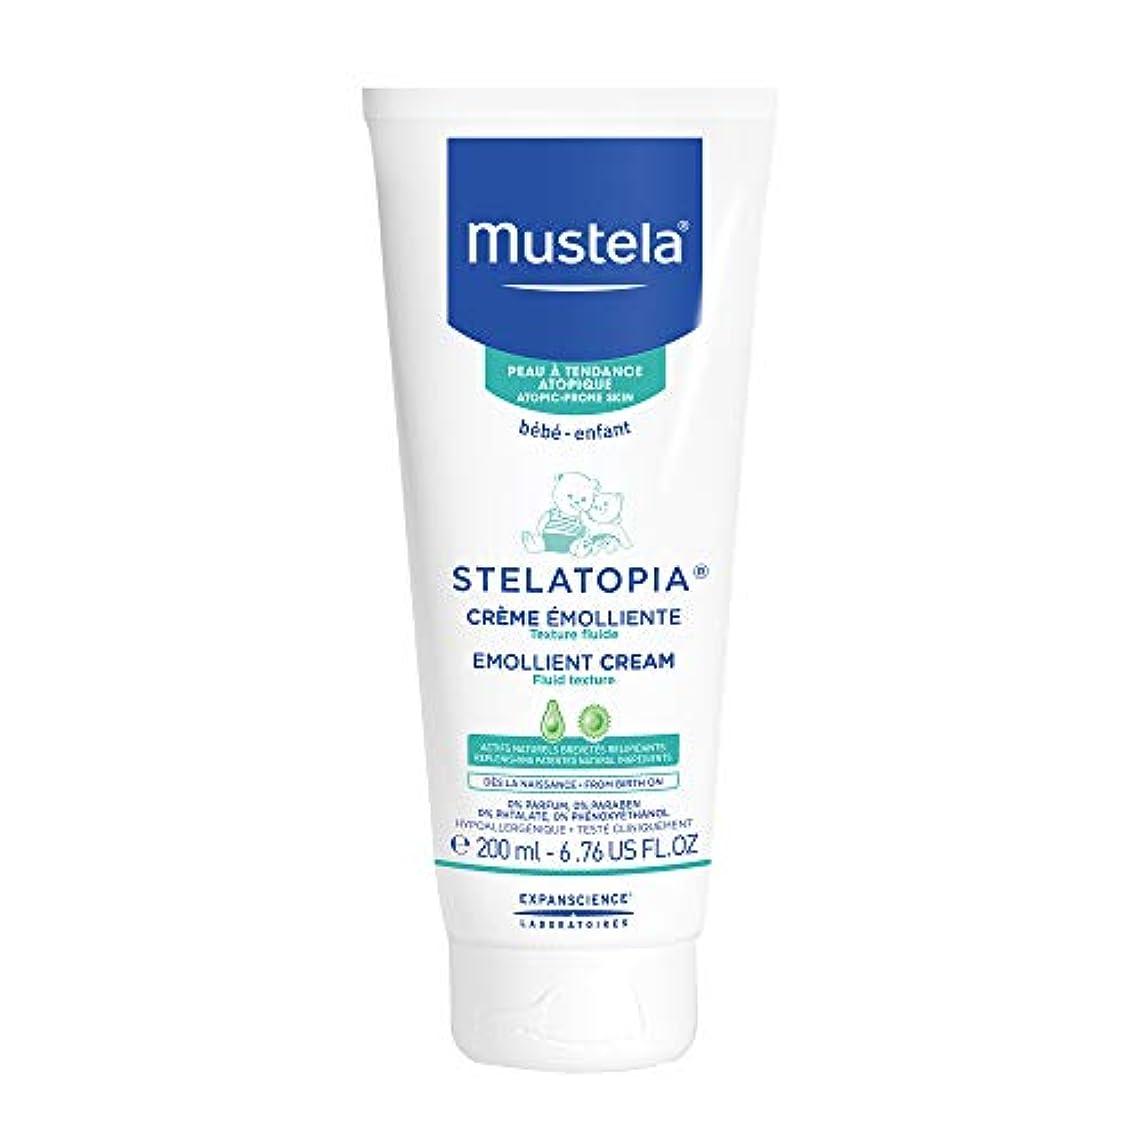 Mustela - Stelatopia Emollient Cream (6.76 oz.)